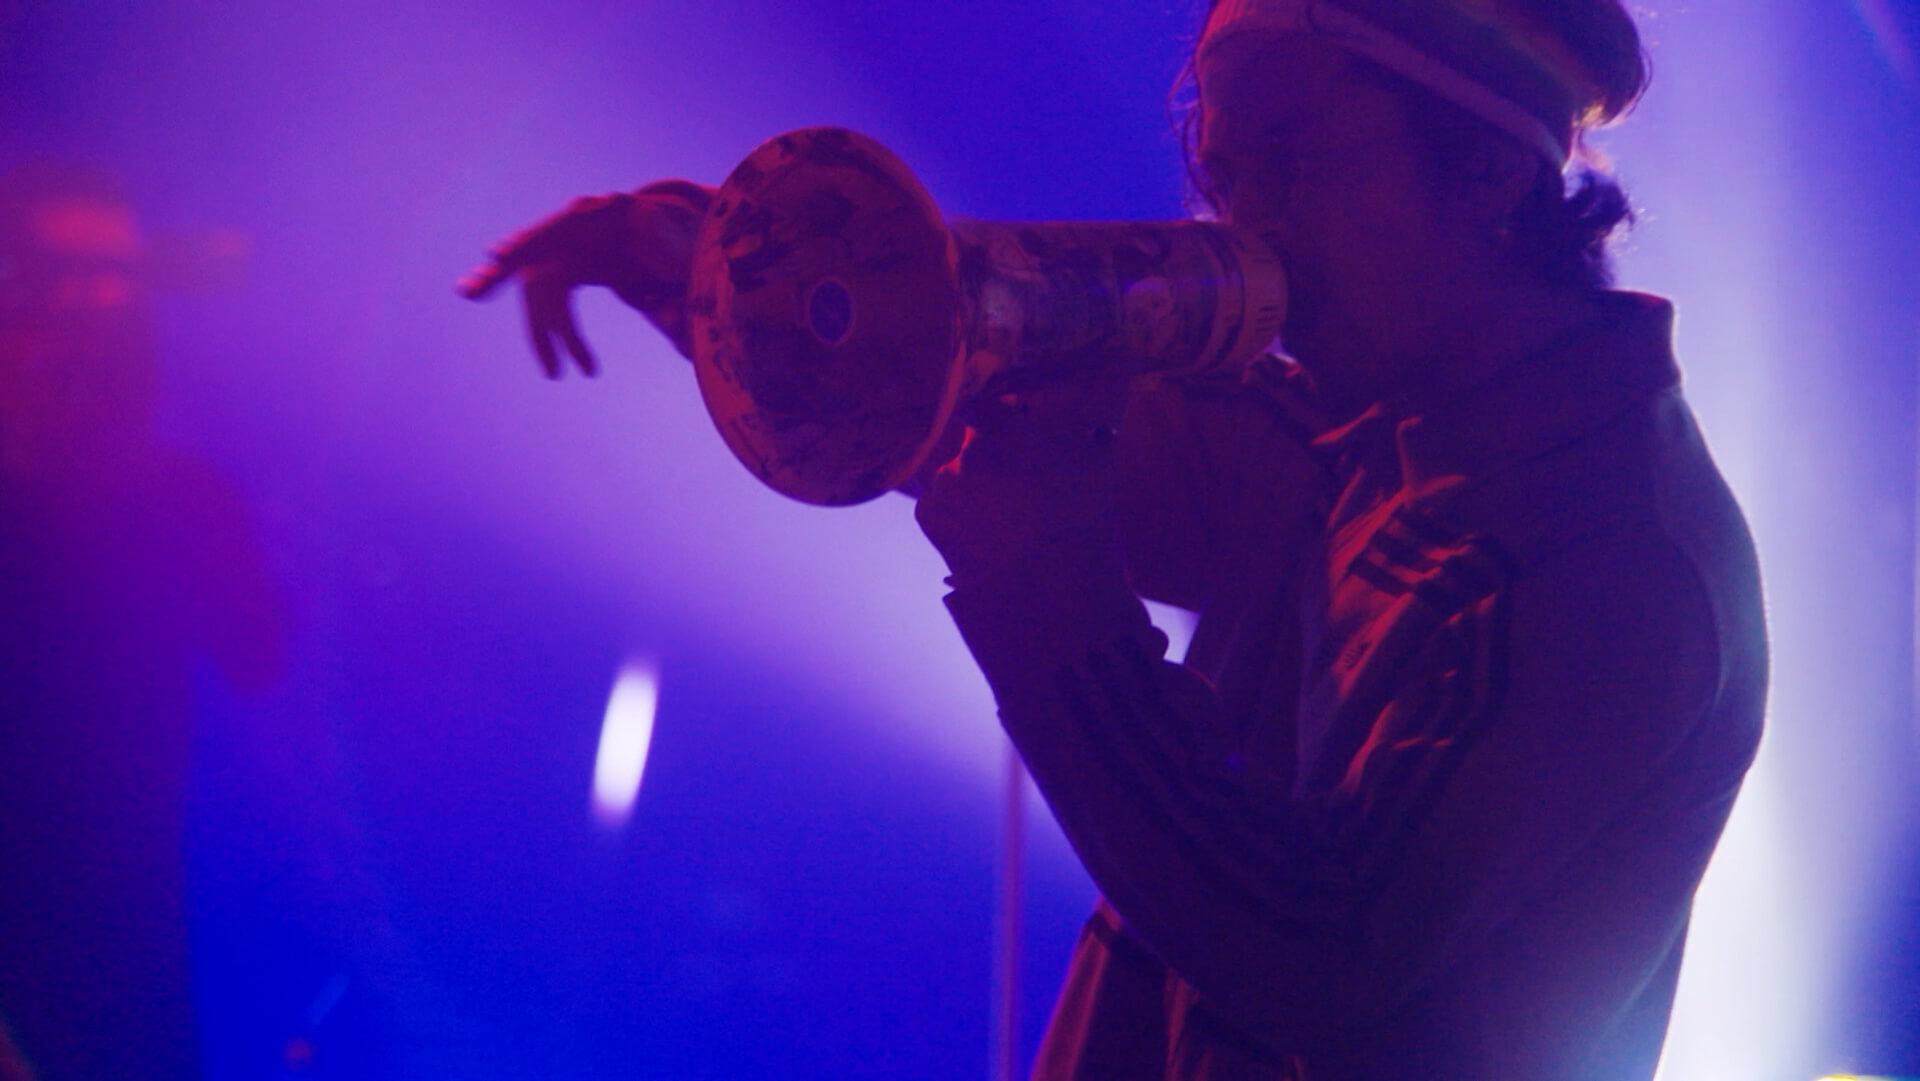 """『竜とそばかすの姫』主題歌""""U""""が話題のmillennium paradeによる<Splendour XR>でのライブ映像が公開中! music210726_millenniumparade_4"""